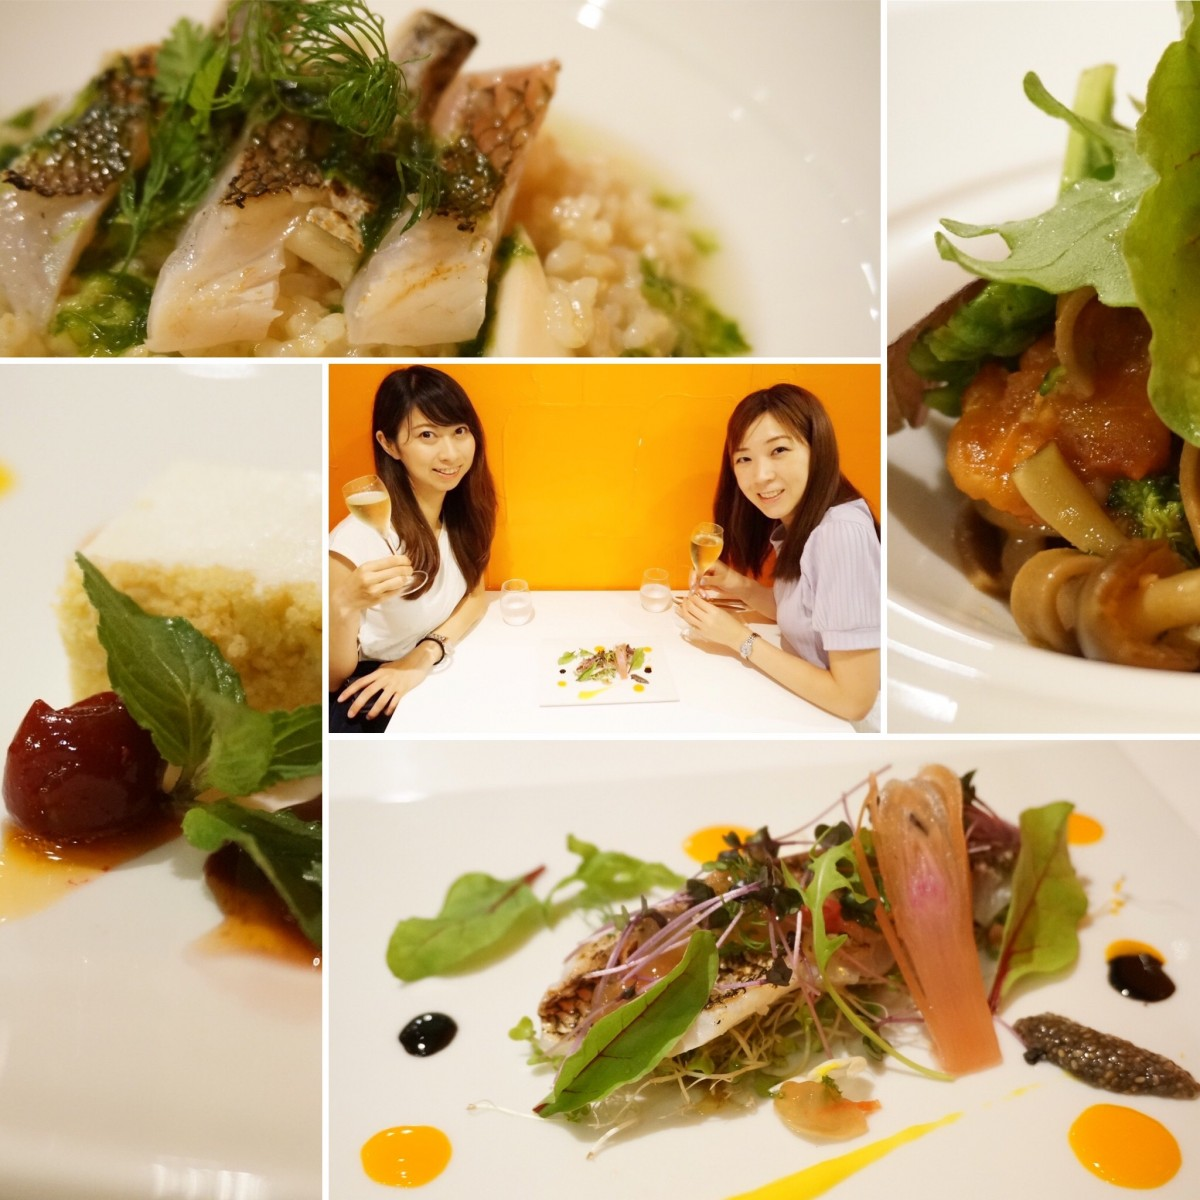 食事制限の理想型レストラン☆★エピキュールでオシャレDinner♡